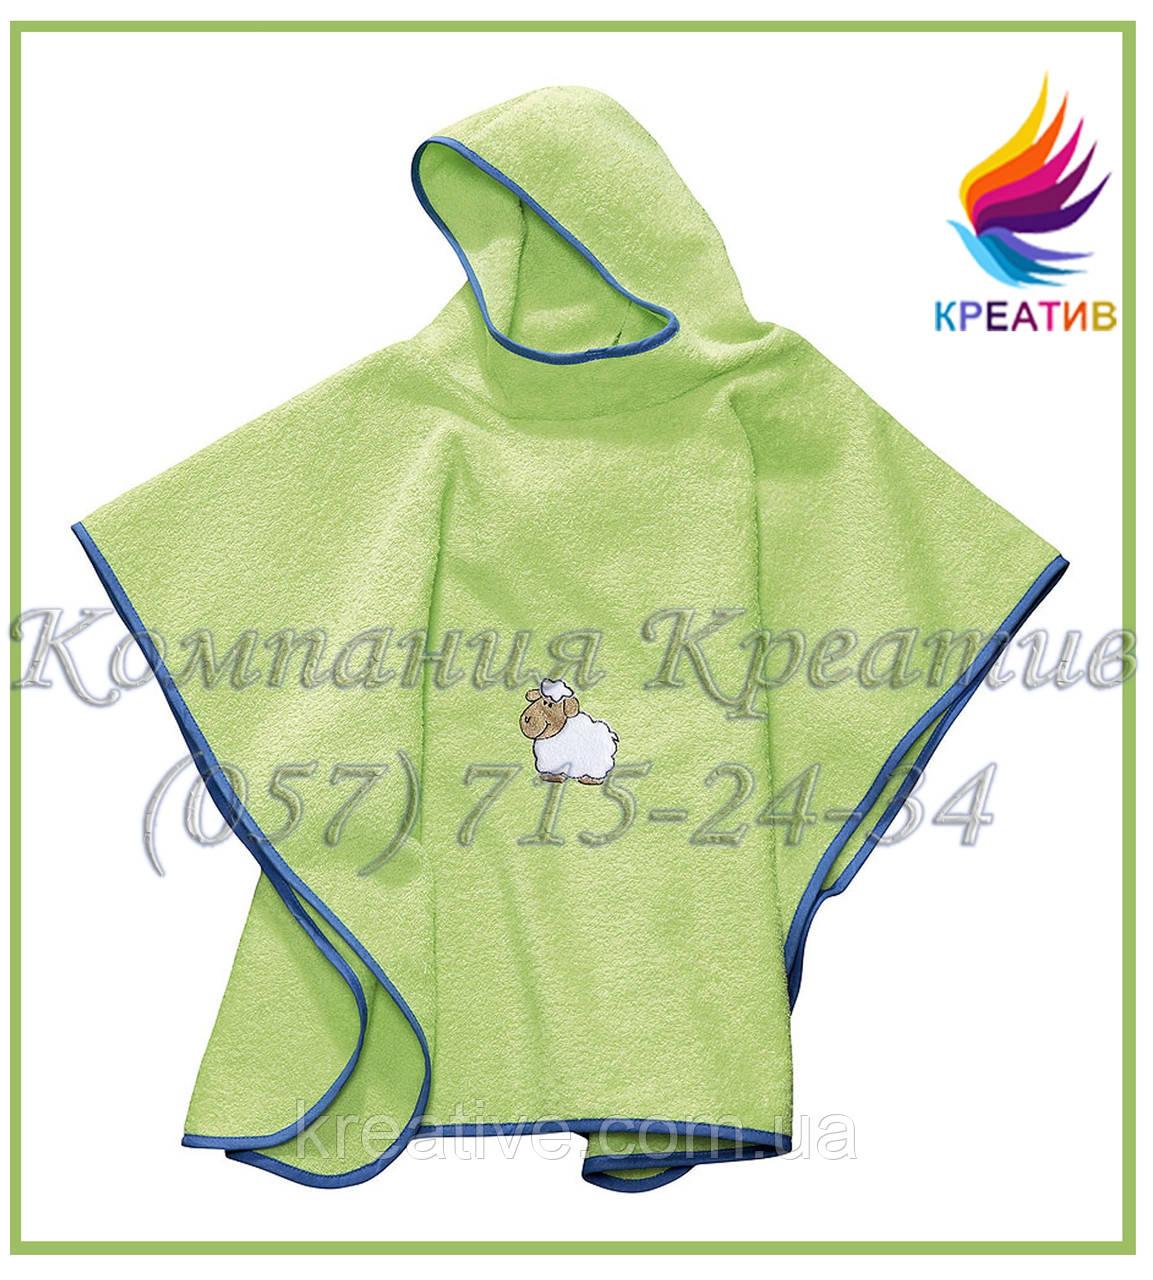 Полотенце пончо для детей (под заказ от 50 шт.)